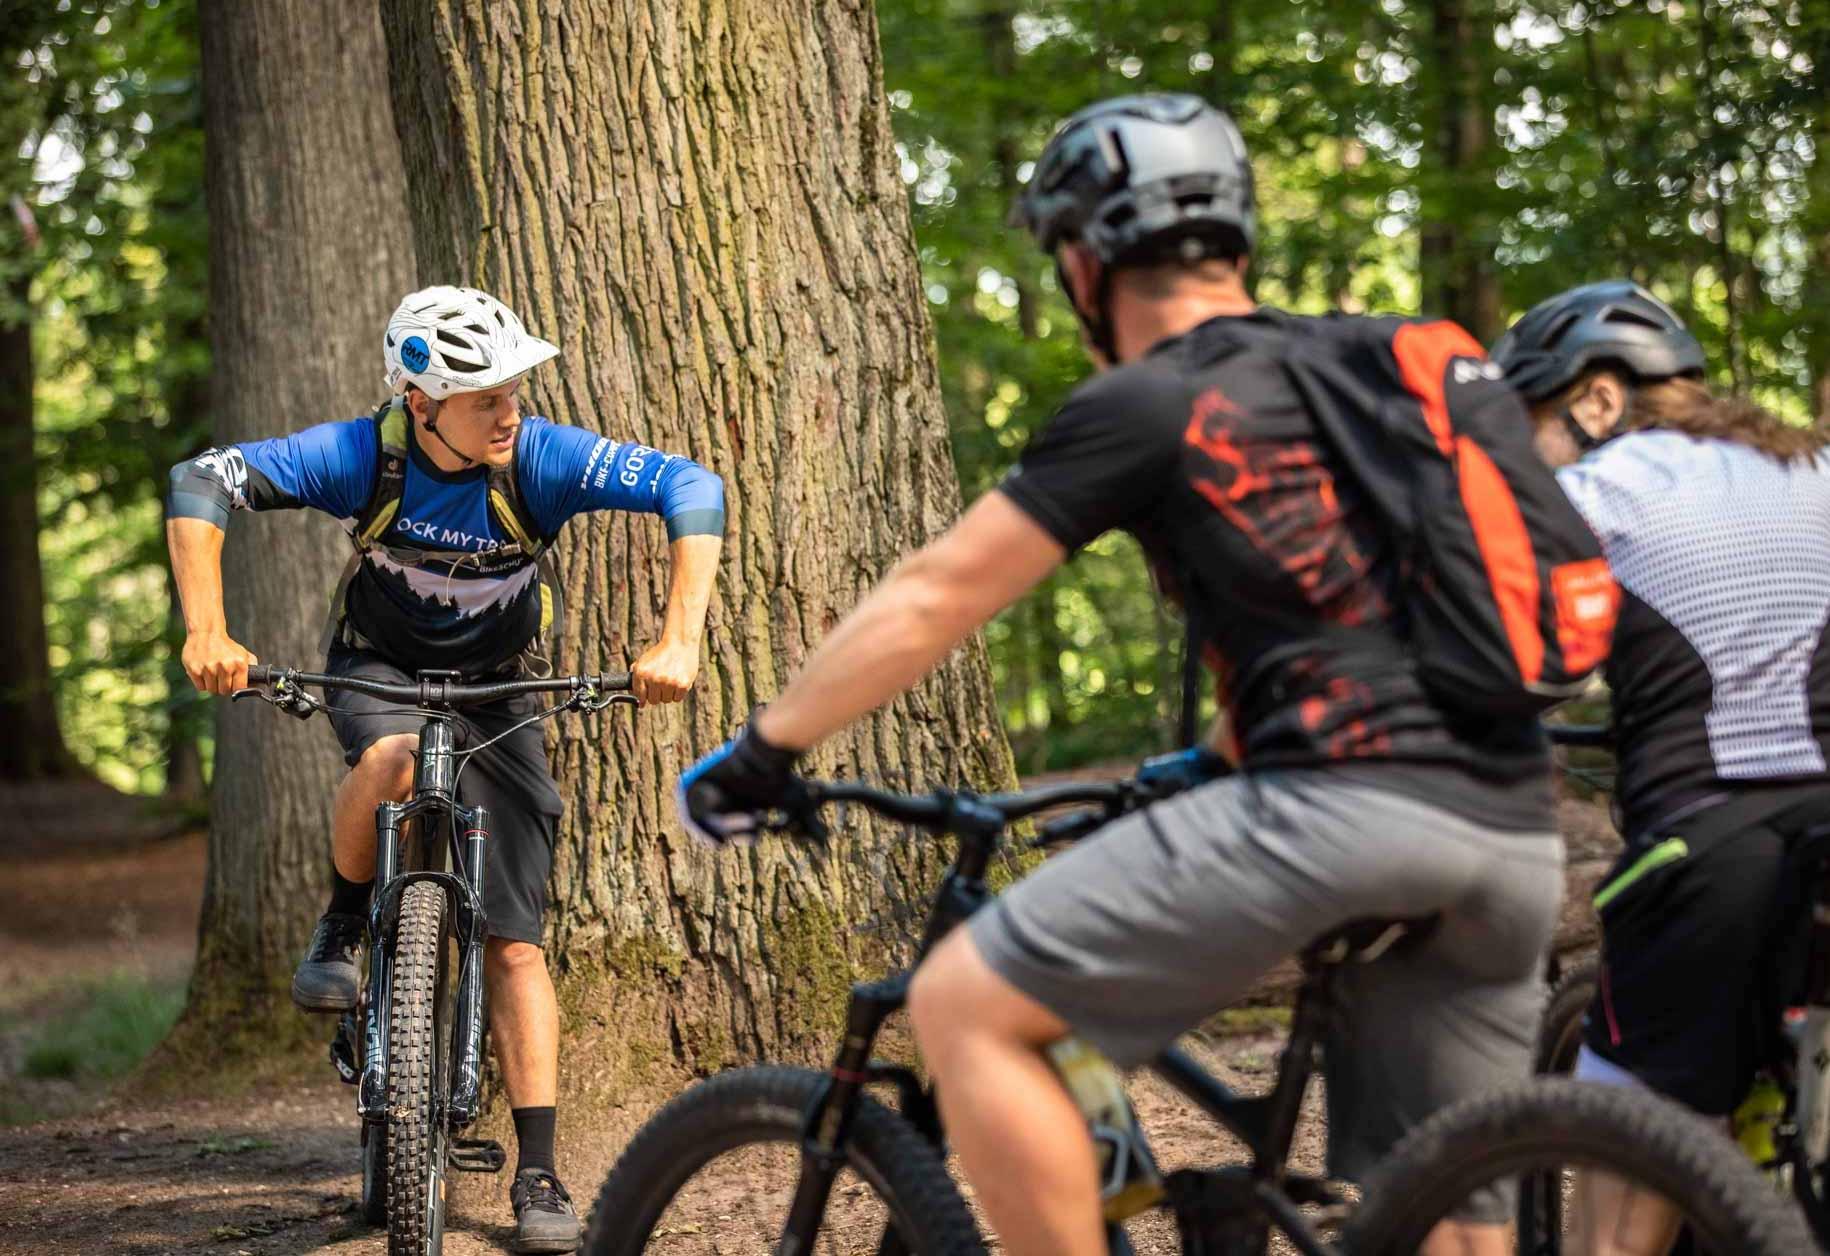 MTB Fahrtechnik Kurs für Einsteiger in Witten - Ruhrgebiet - Mountainbike Basic Ruhrgebit Trail Anfänger - Rock my Trail Bikeschule GmbH - 21